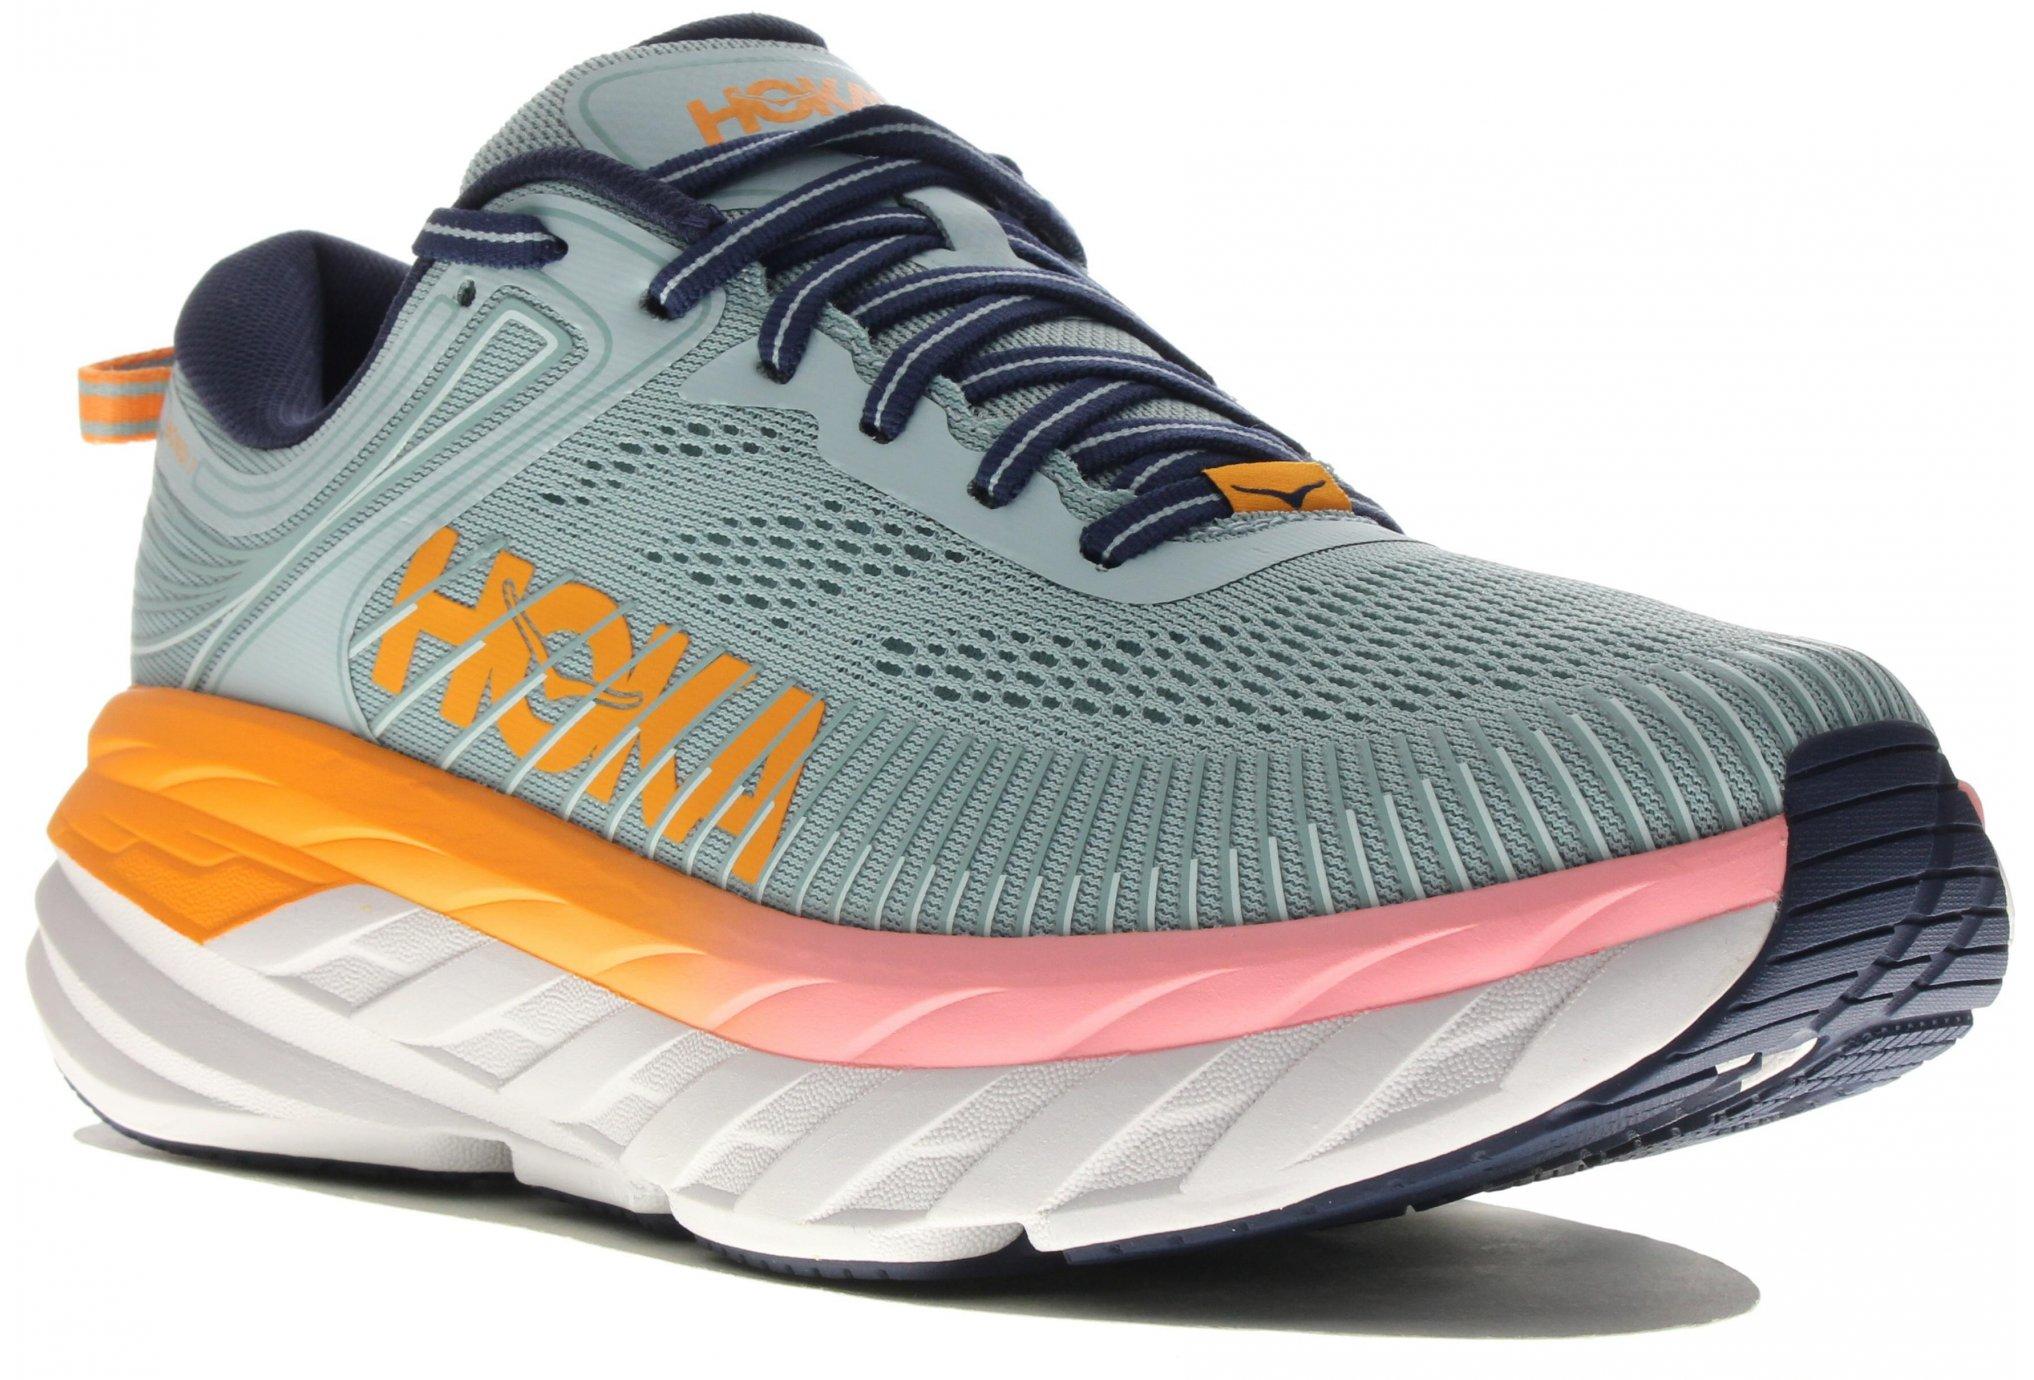 Hoka One One Bondi 7 Chaussures running femme